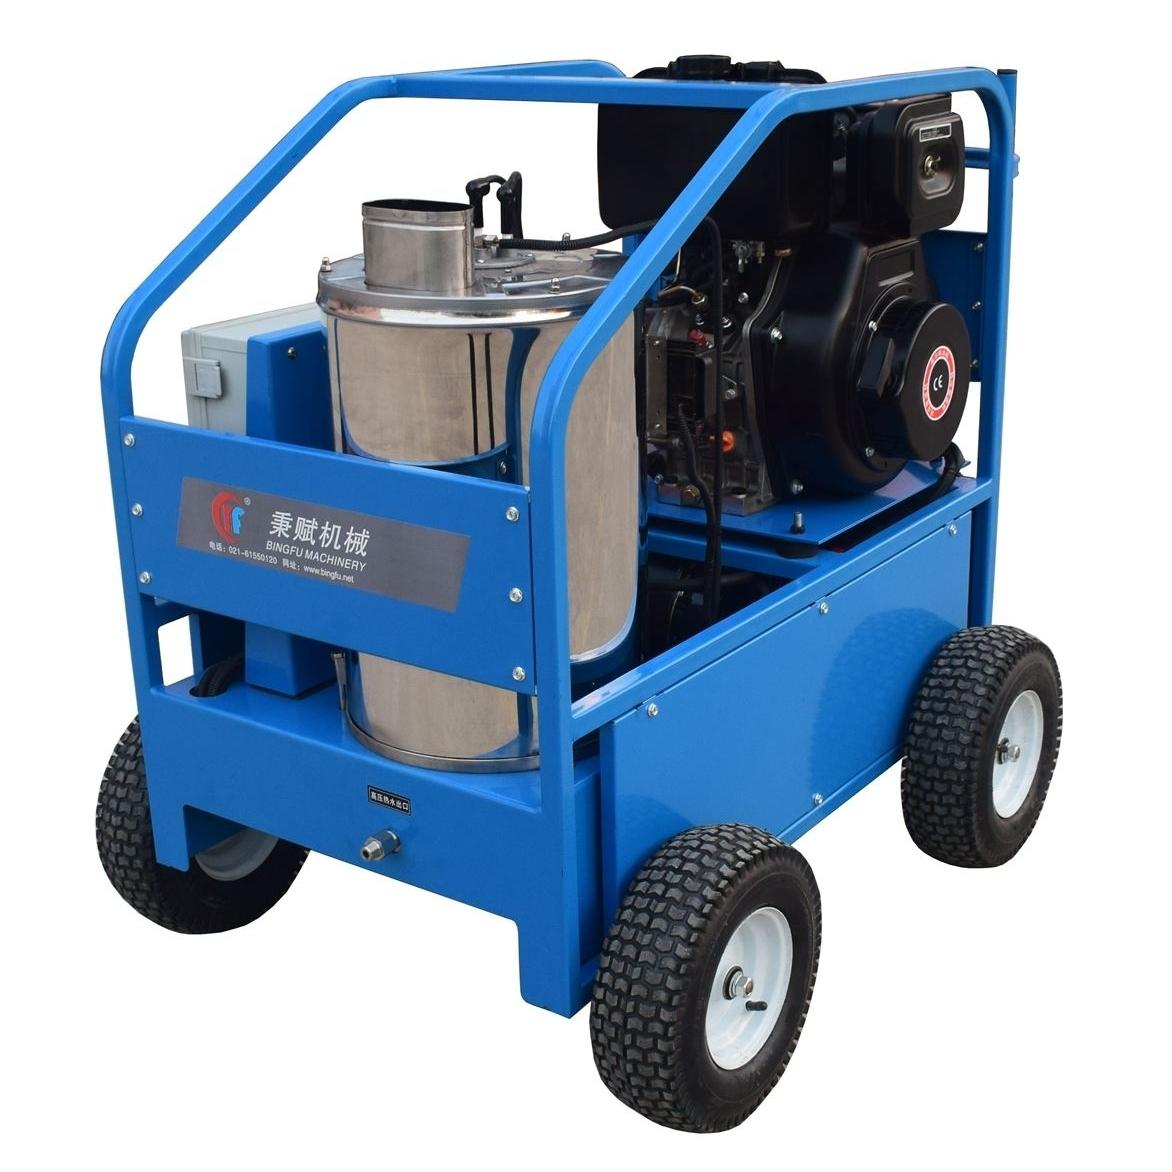 柴油引擎高压热水清洗机